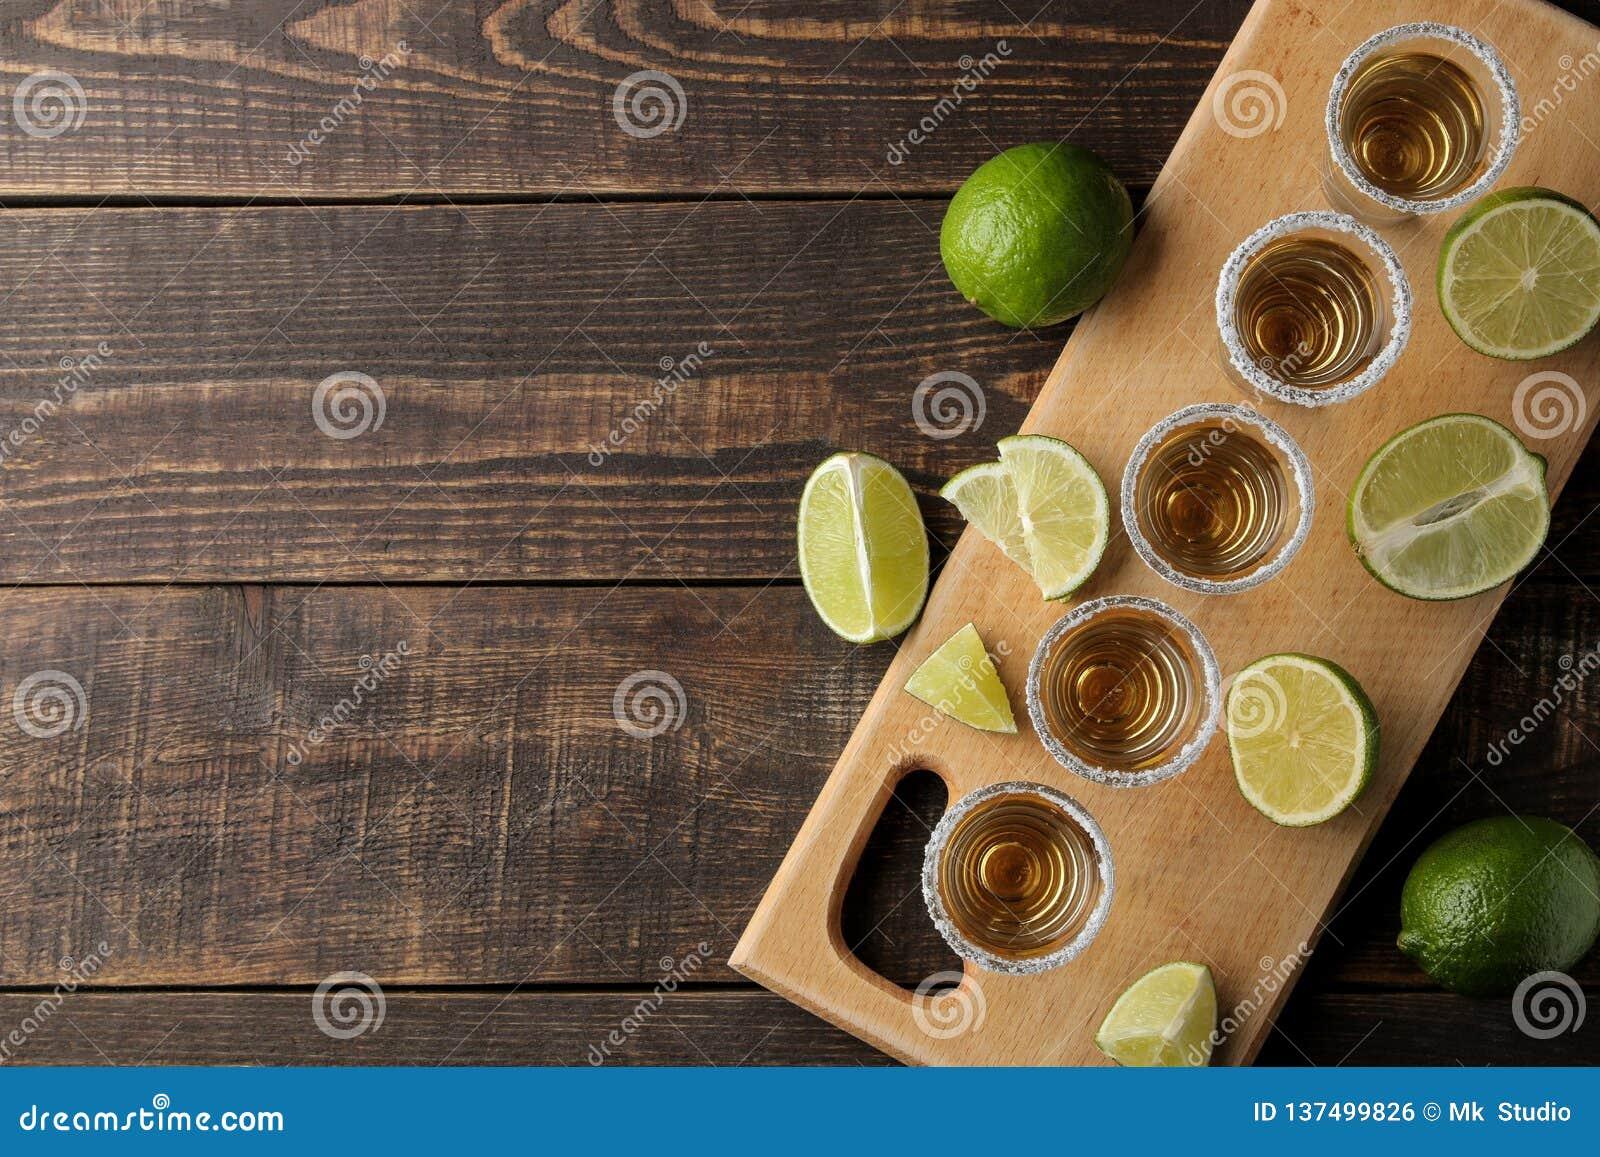 Tequila dell oro in un vetro sparato di vetro con sale e calce su un fondo di legno marrone Vista superiore con spazio per testo